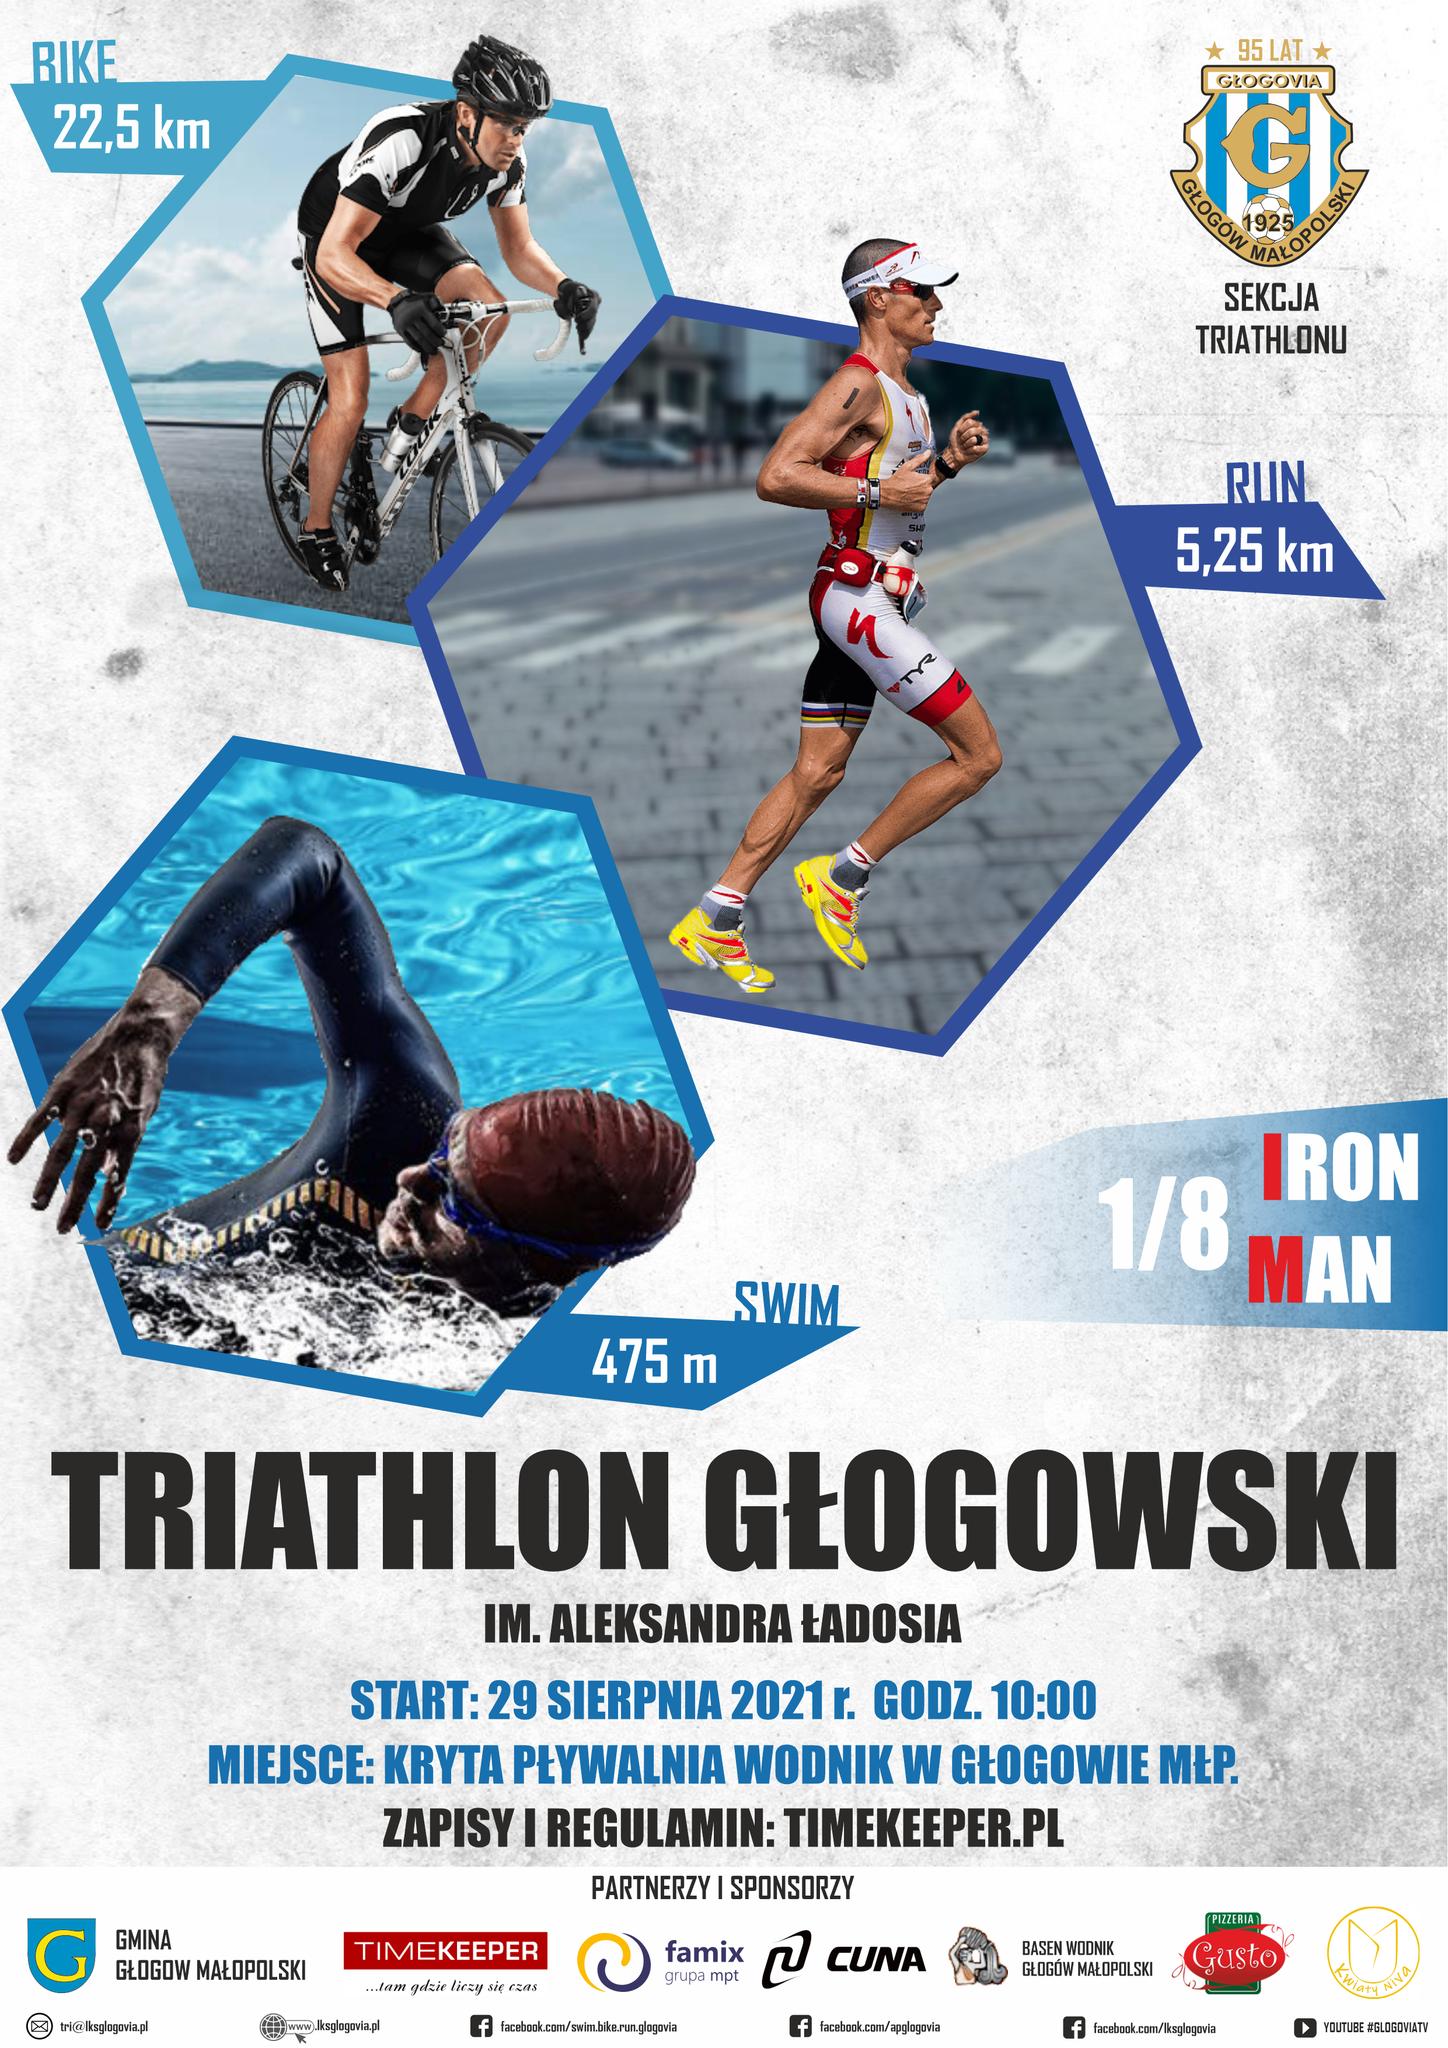 Logo Zawodów Triathlon Głogowski 2021